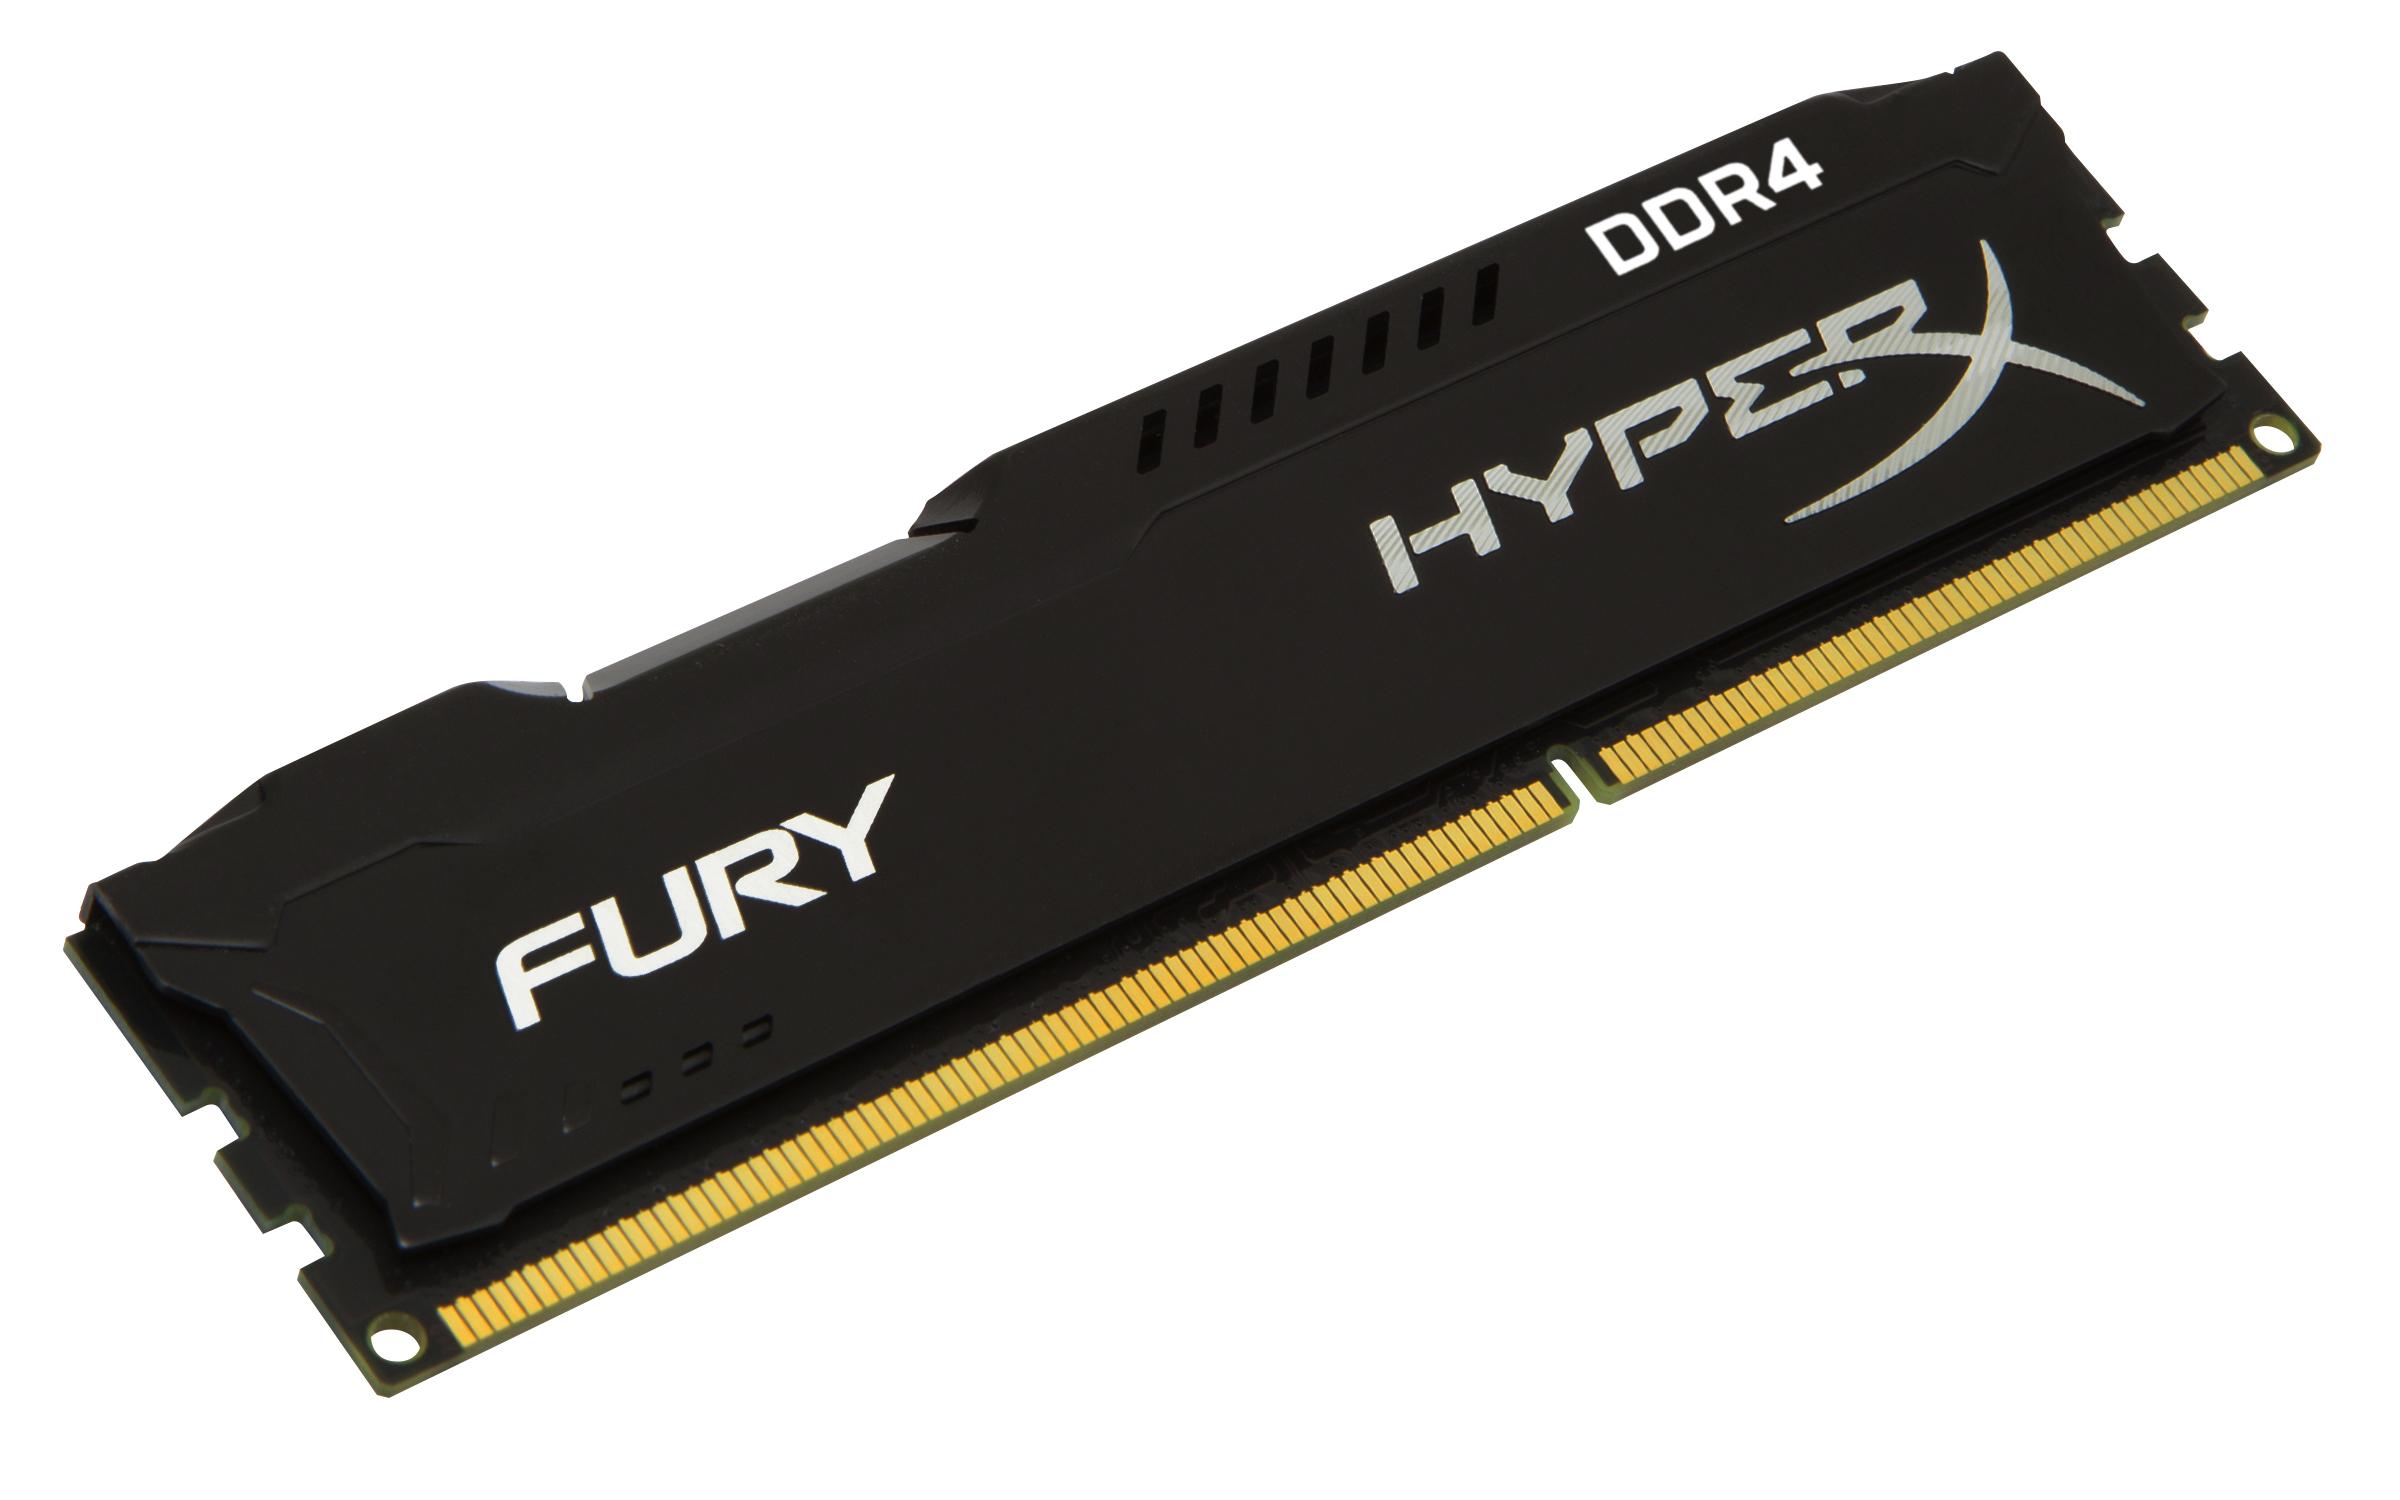 HyperX FURY Memory Black 4GB DDR4 2400MHz Module 4GB DDR4 2400MHz memory module